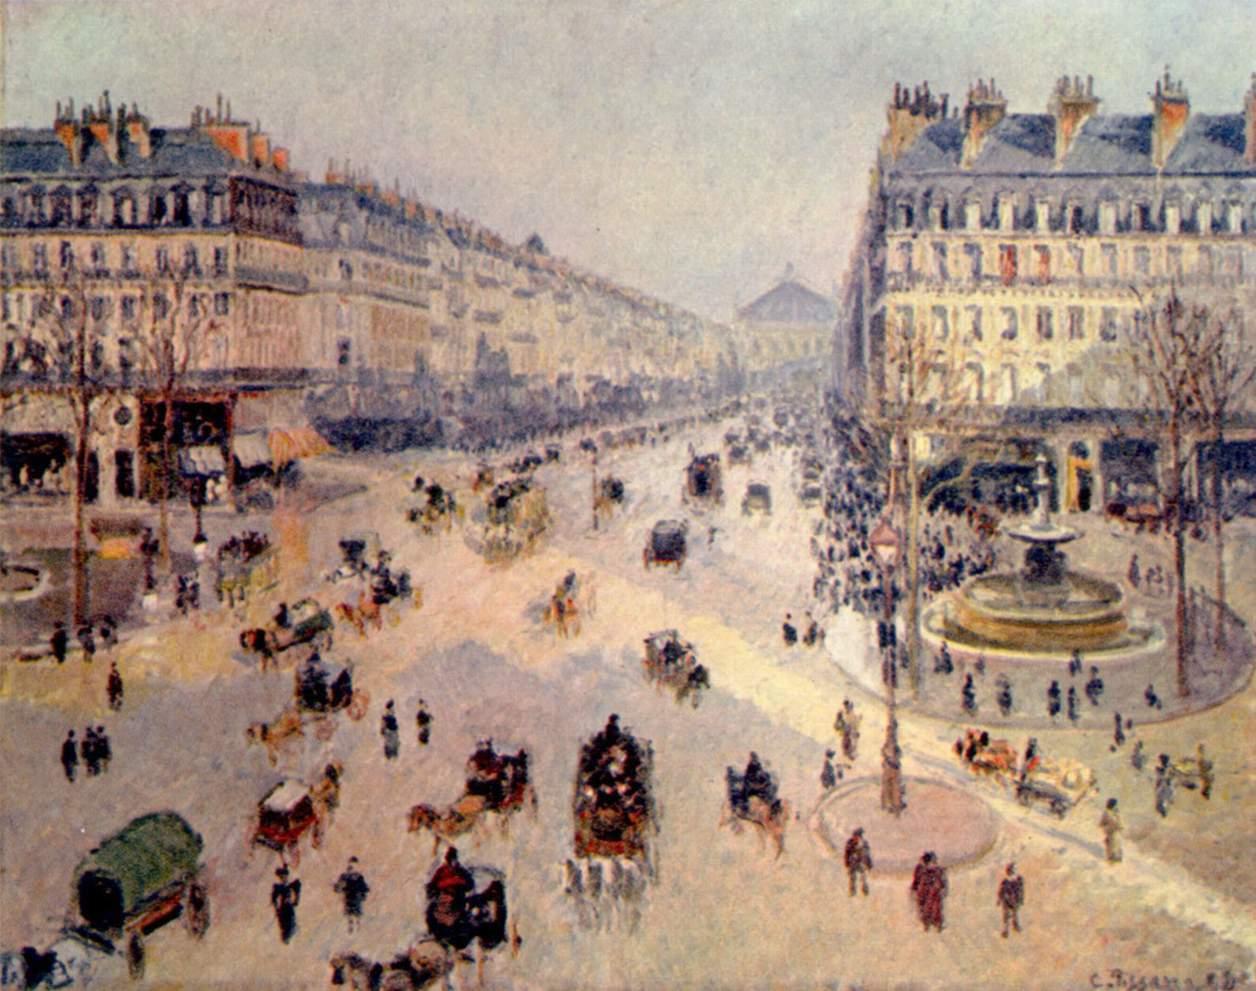 Avenue de l'Opera Paris